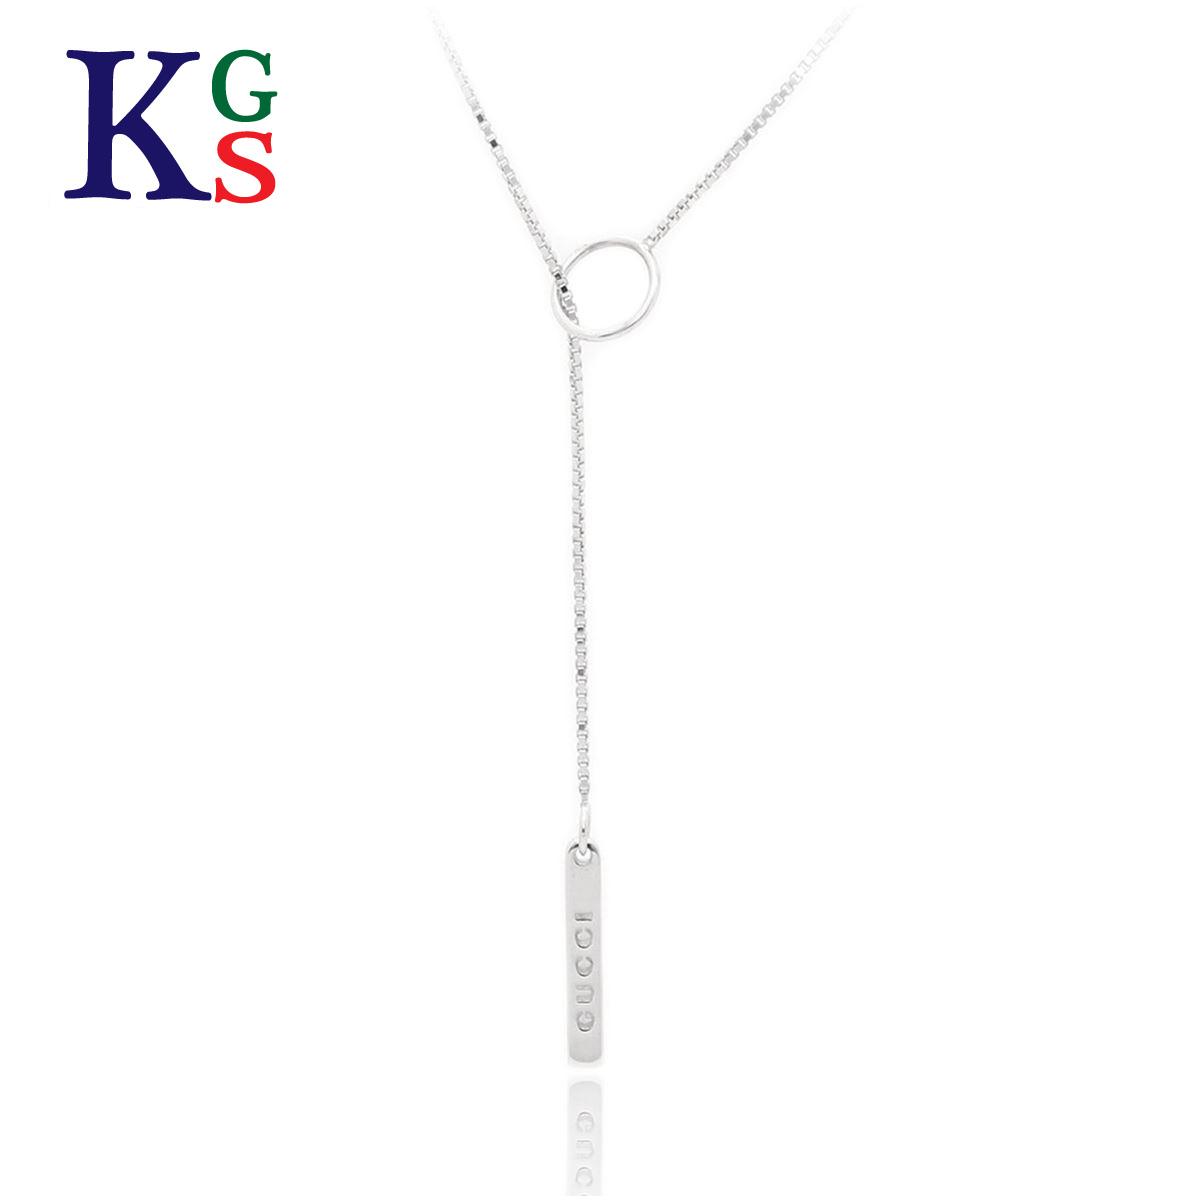 【ギフト品質】グッチ/GUCCI レディース ジュエリー ラリアット Y字型ネックレス K18WG ホワイトゴールド